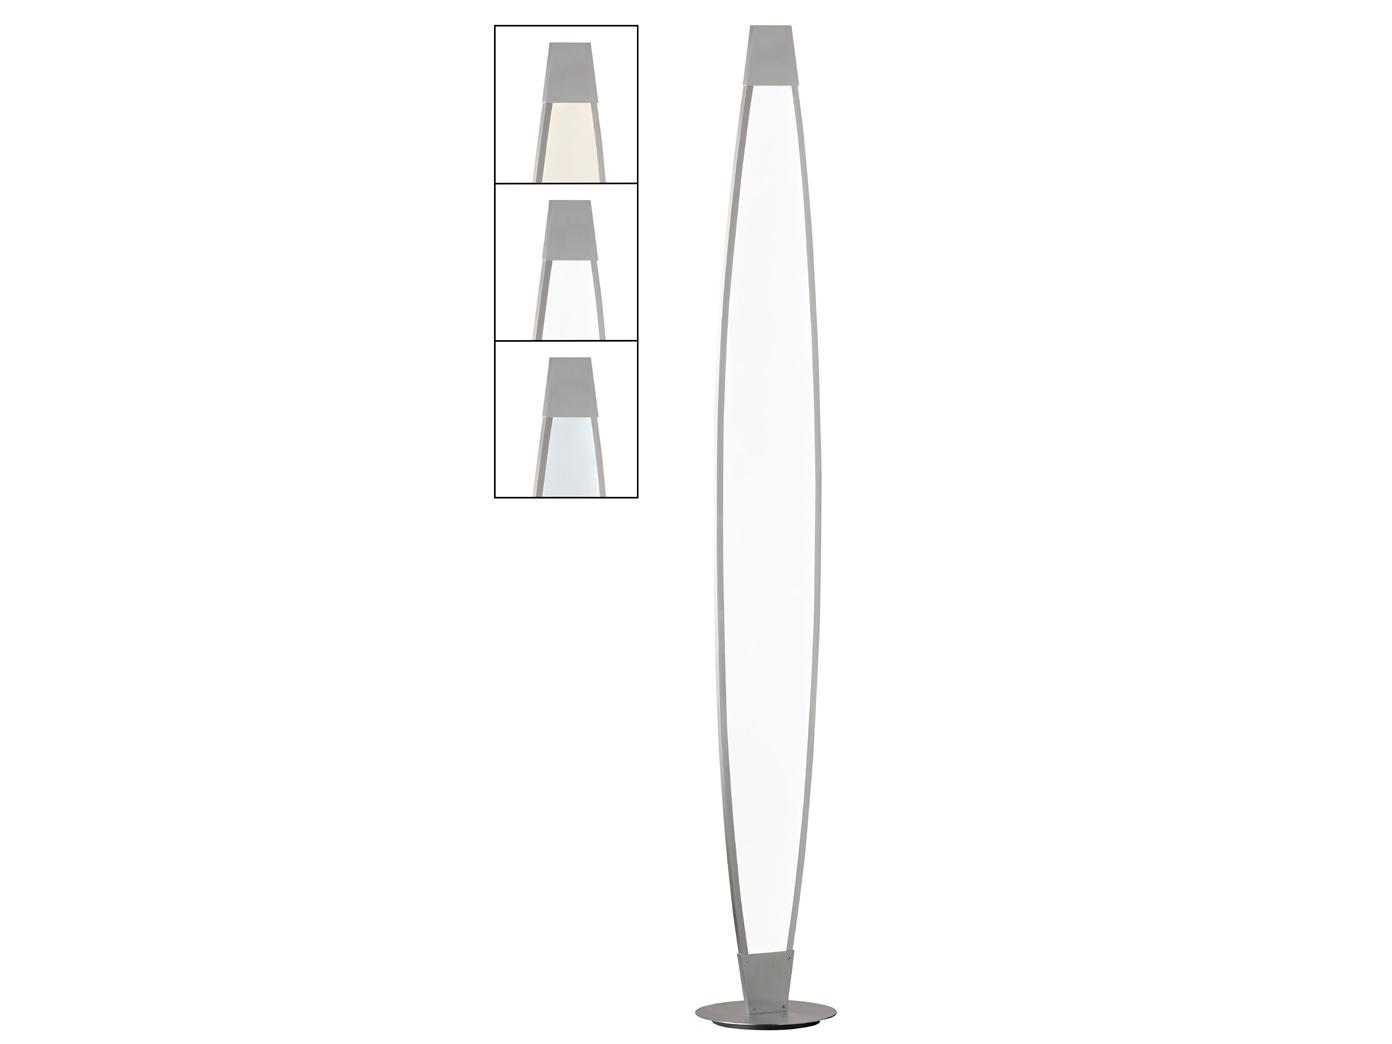 Full Size of Stehlampe Wohnzimmer Dimmbar Led Holz Indirekte Beleuchtung Komplett Stehlampen Landhausstil Wohnwand Deckenleuchte Teppich Gardinen Für Deckenlampen Liege Wohnzimmer Stehlampe Wohnzimmer Dimmbar